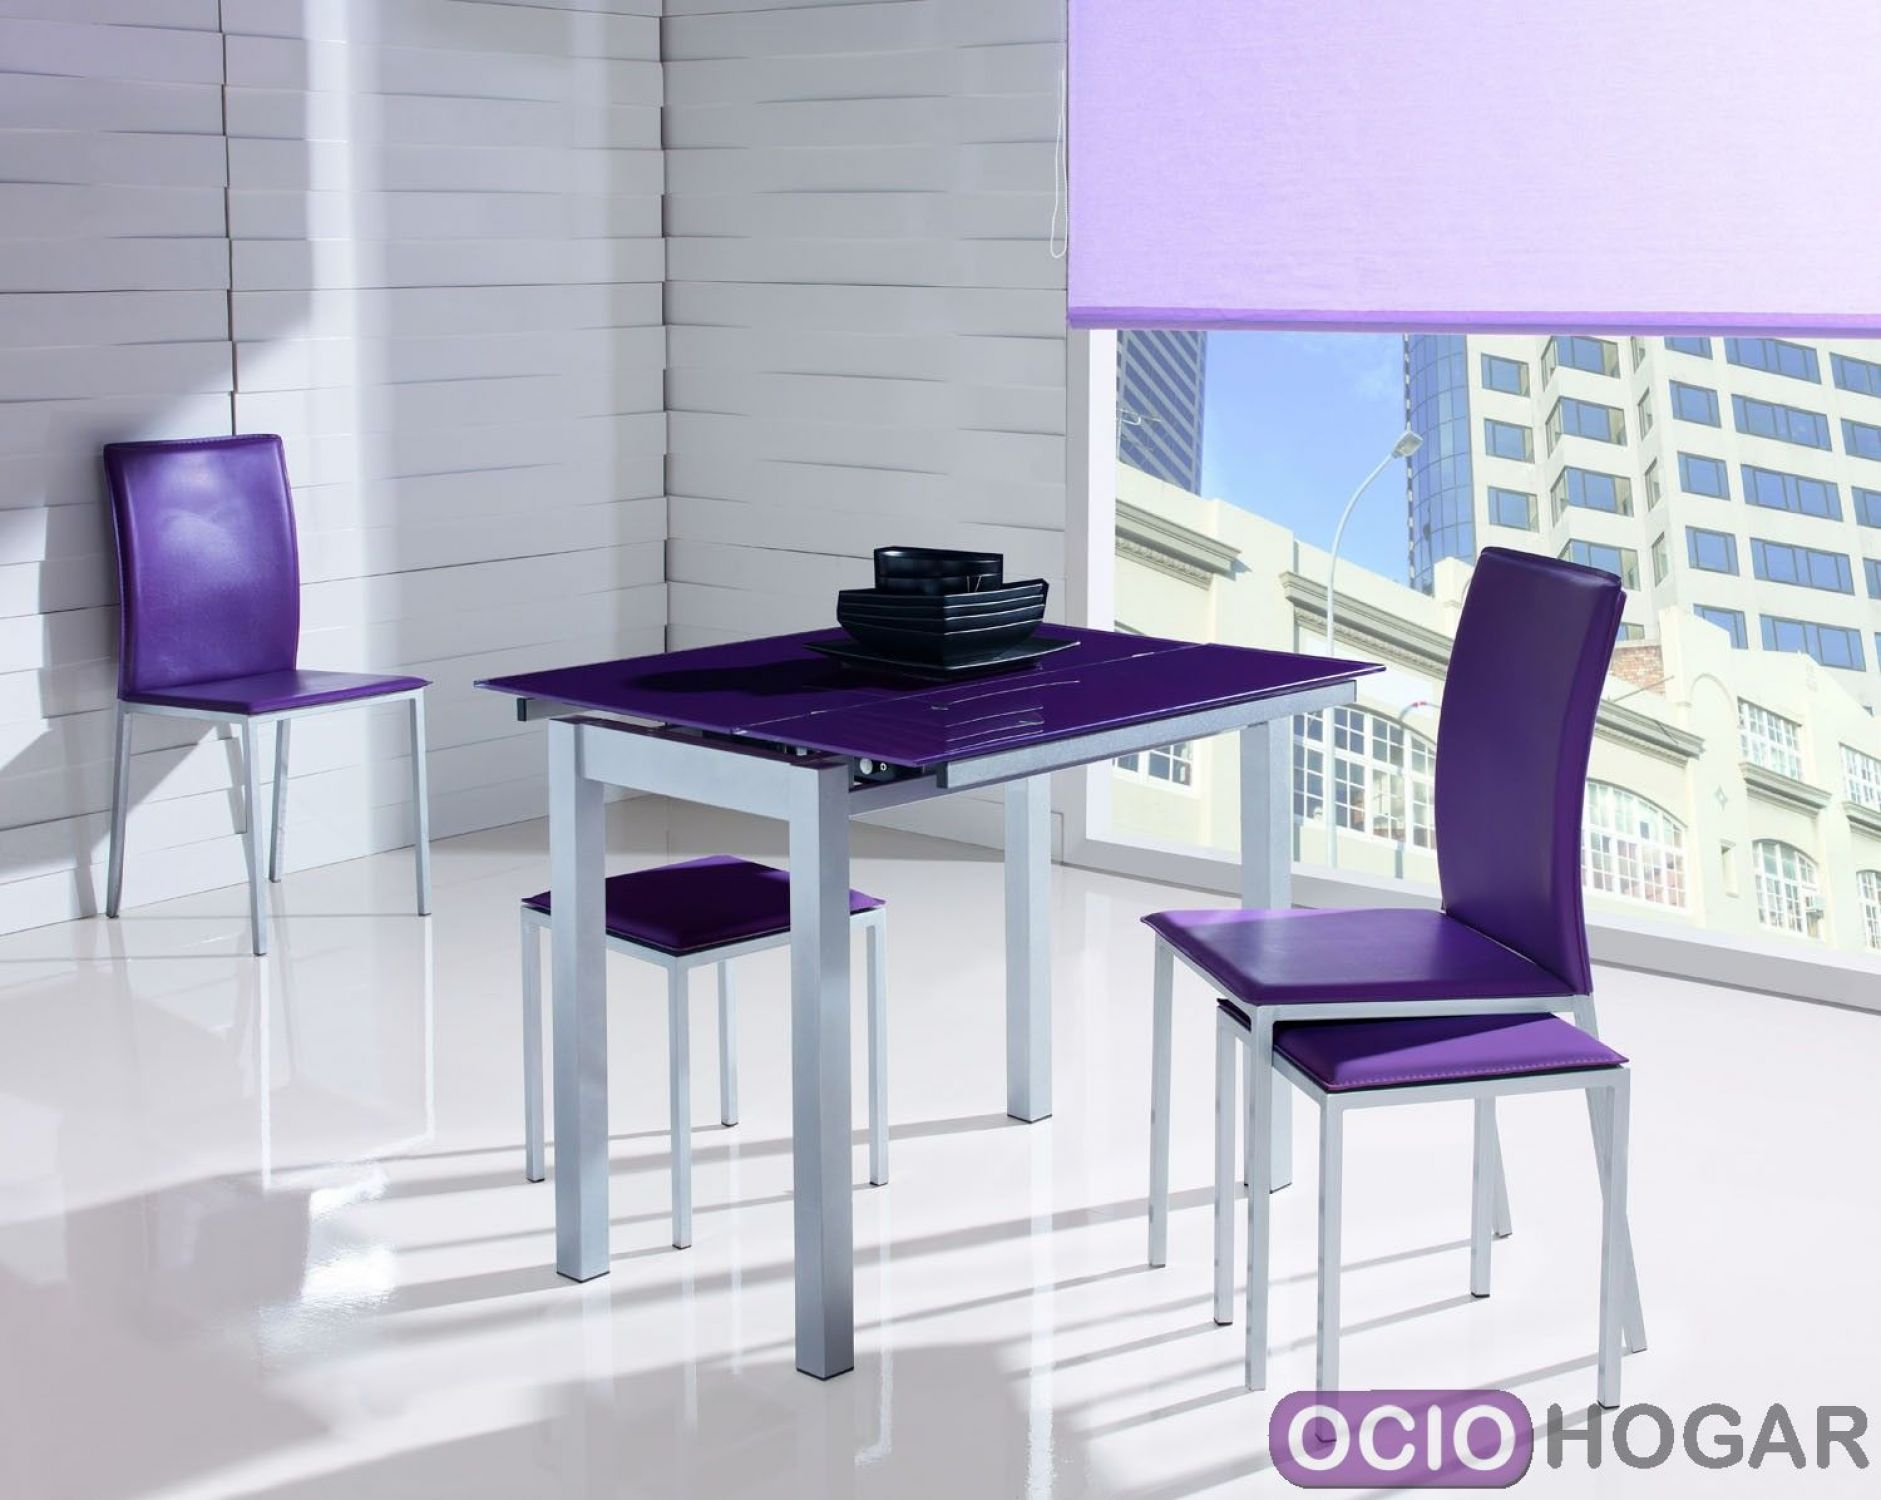 Mesas extensibles para la cocina de estilo moderno - Mesa cocina extensible ...